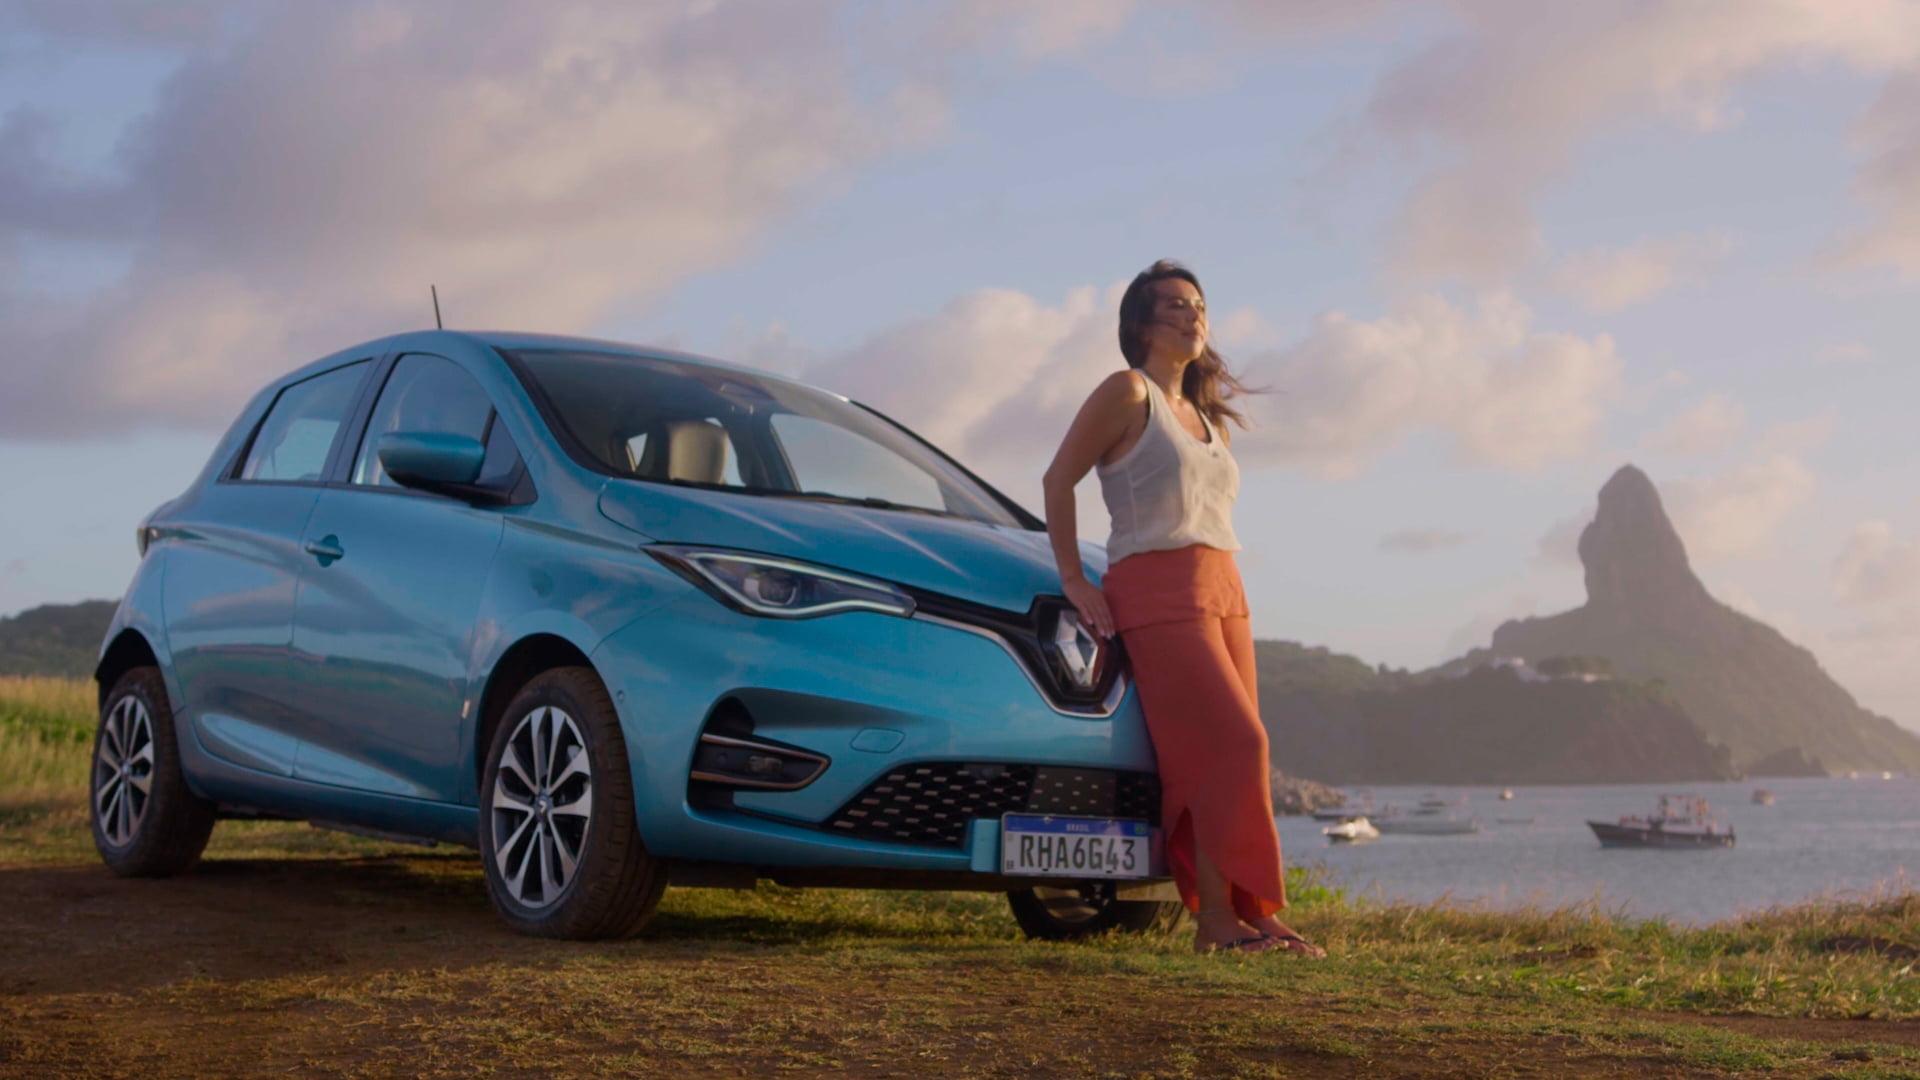 Mobilize es la división de Renault Group encargada de desarrollar e innovar para crear soluciones ECO